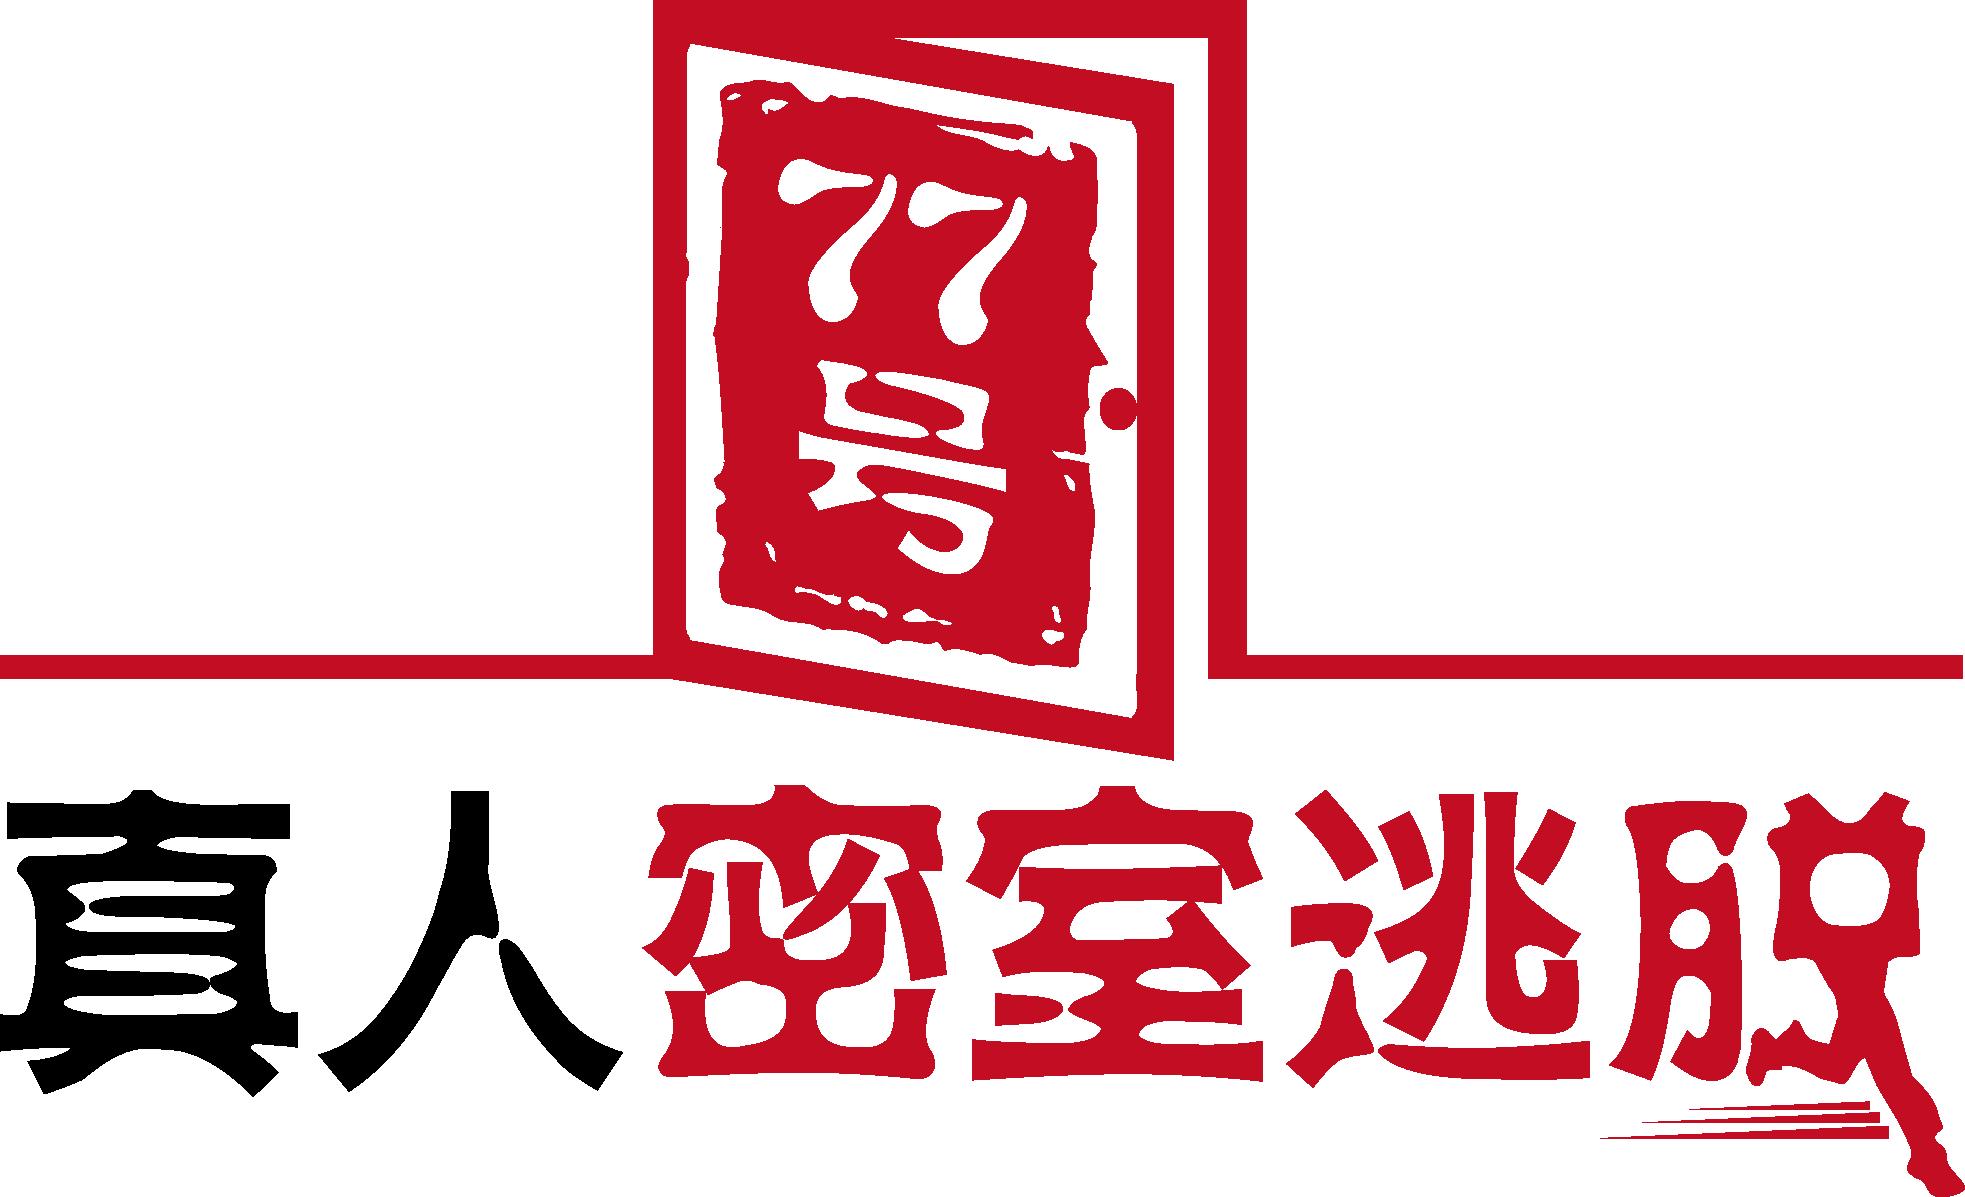 77号真人密室逃脱(泉城路店)